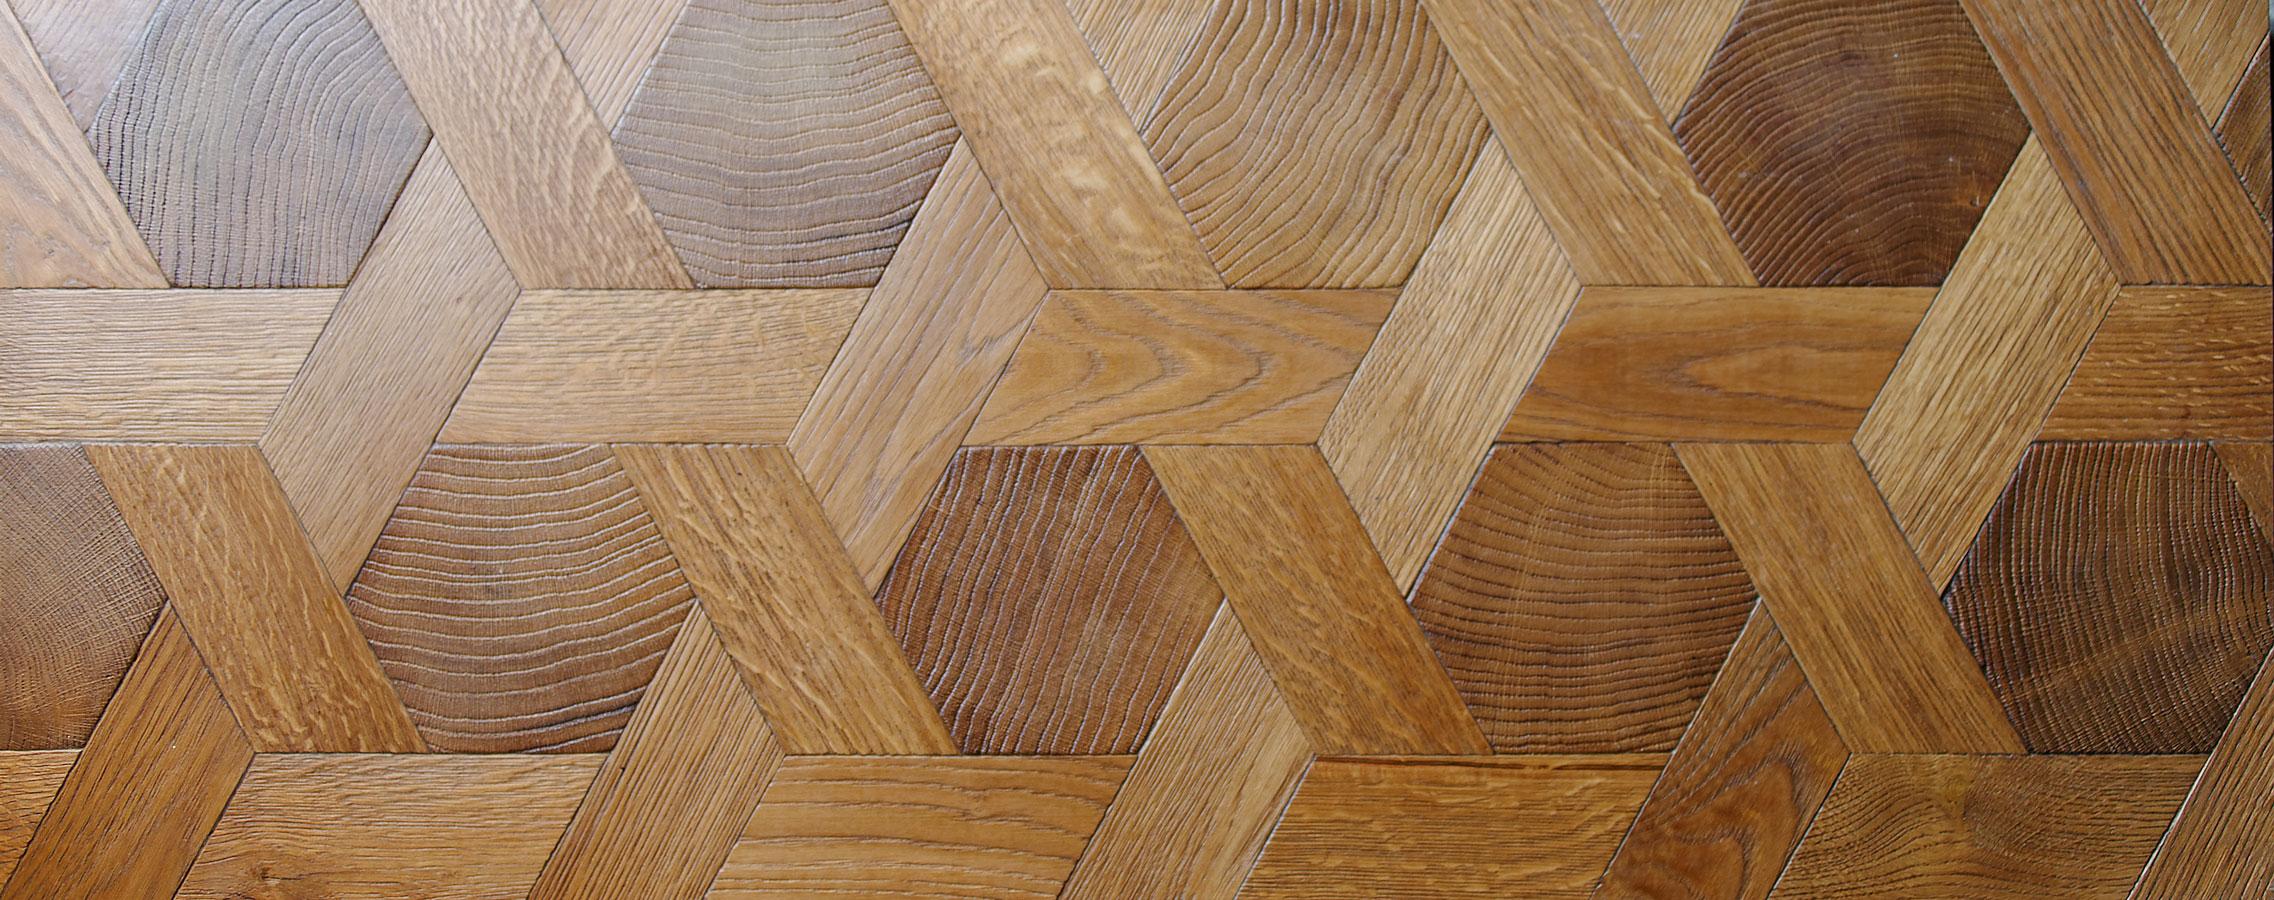 Hexagone Bois : Hexagone en bois debout, chne